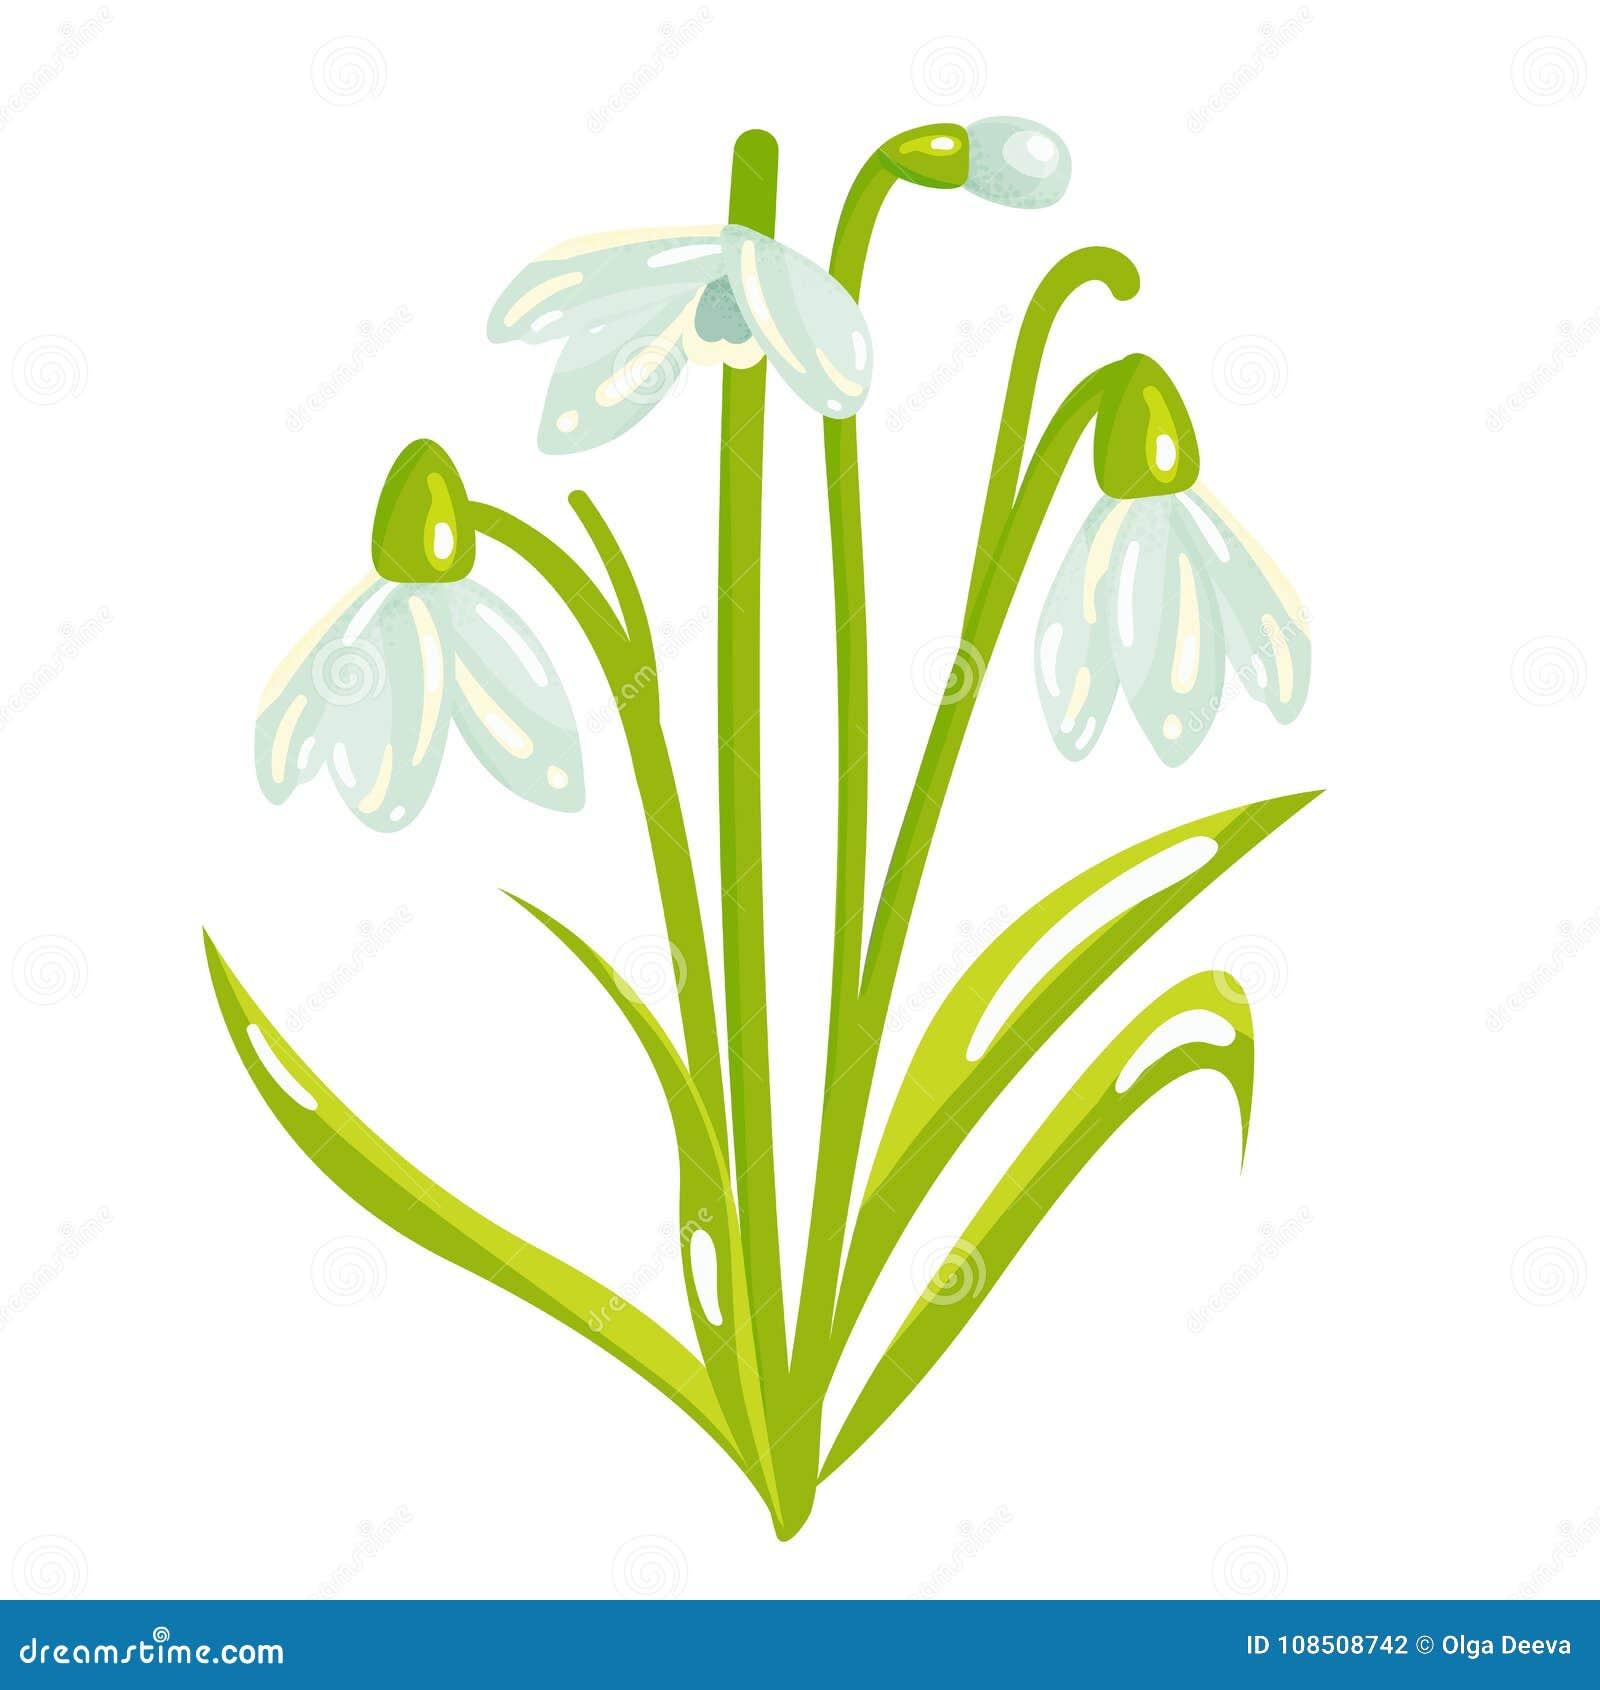 Cartoon Snowdrop Spring Flower Illustration Stock Vector